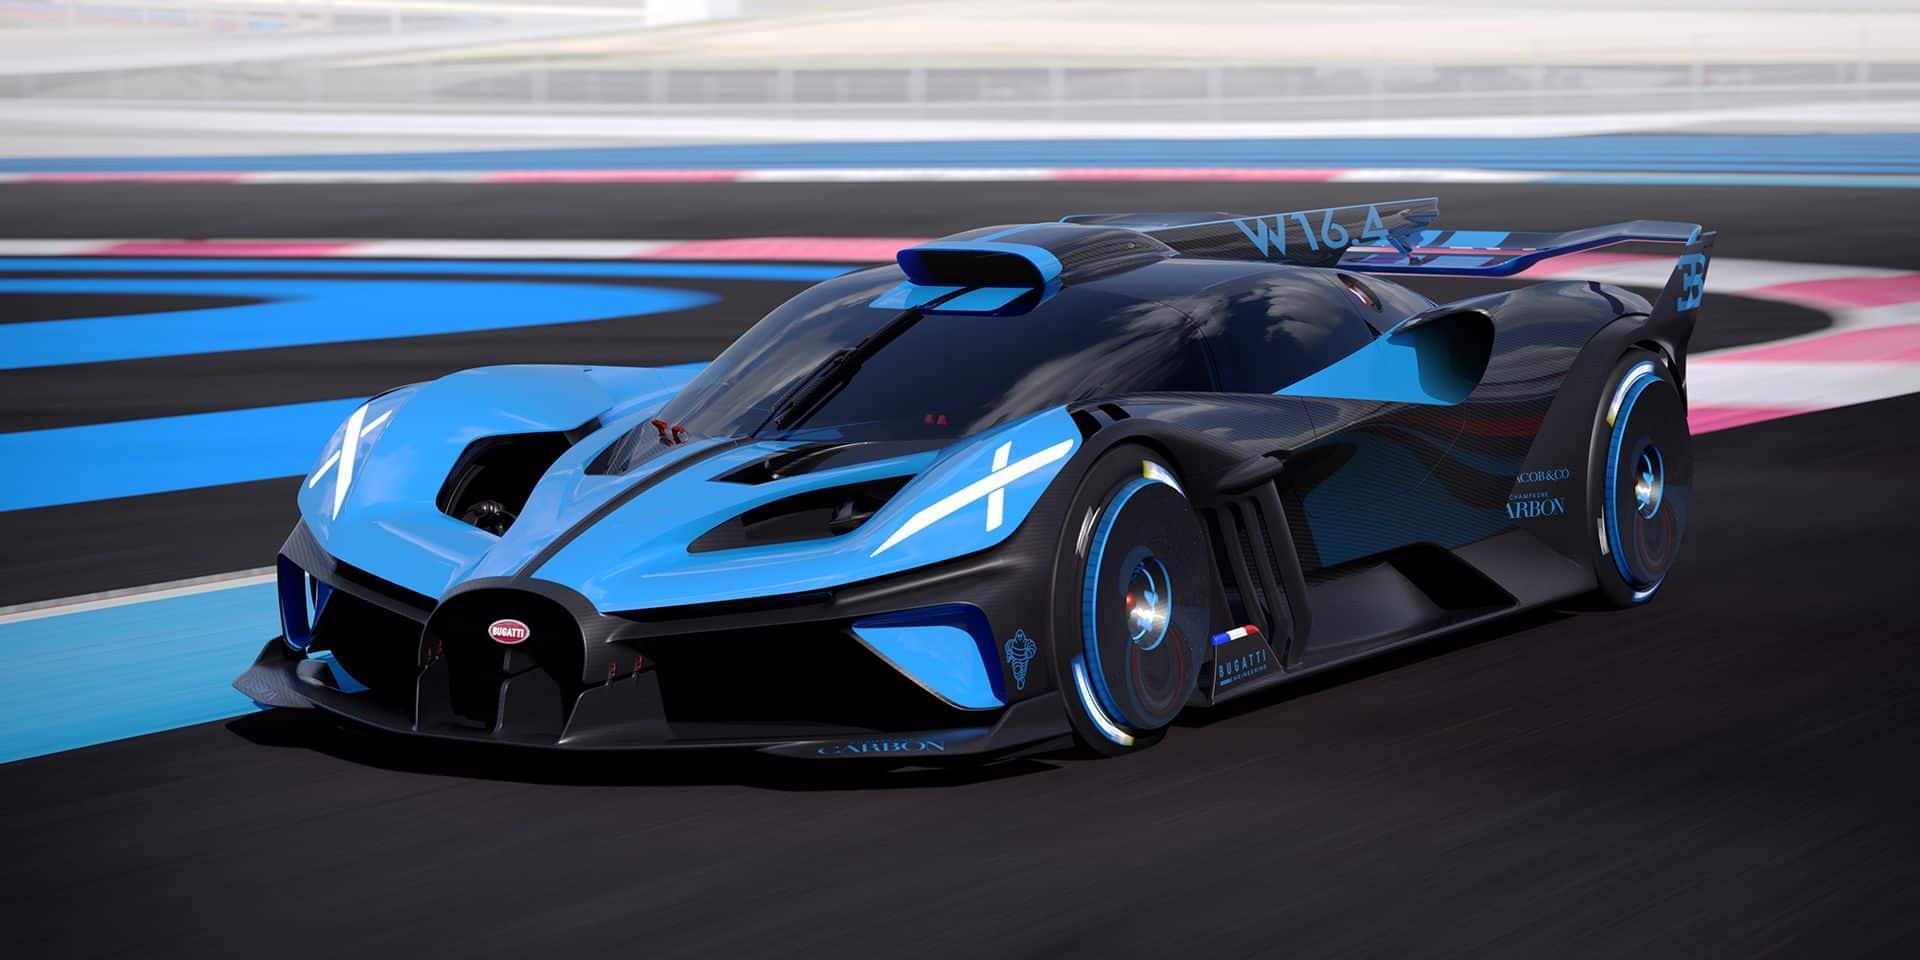 Bugatti Bolide La Voiture De Course La Plus Rapide Du Monde Ou Presque Dh Les Sports